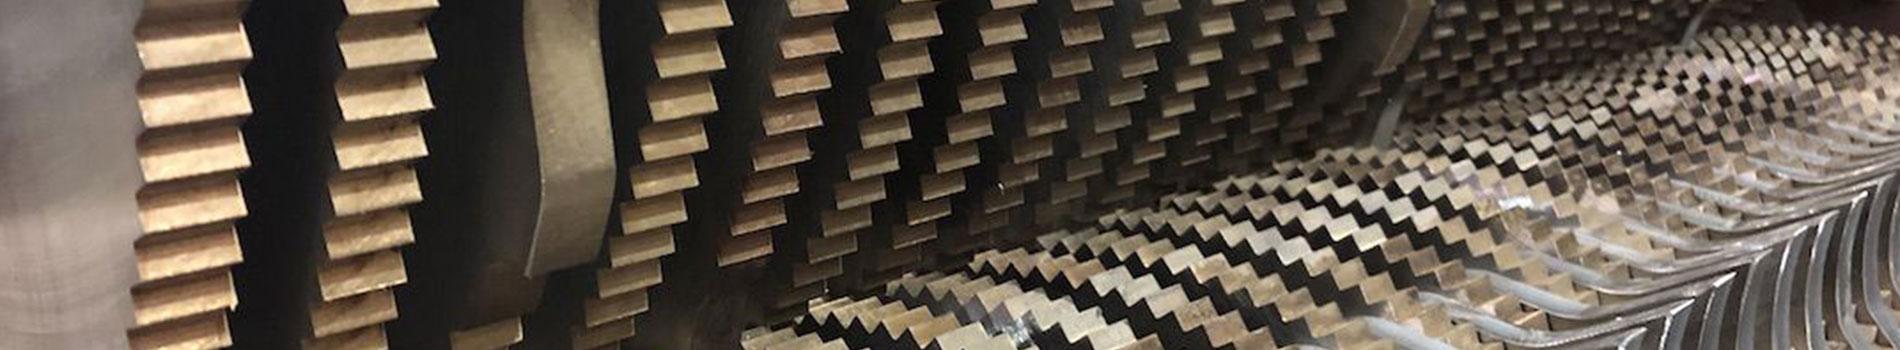 allegheny-shredder-trituradores-de-disco-rigido--